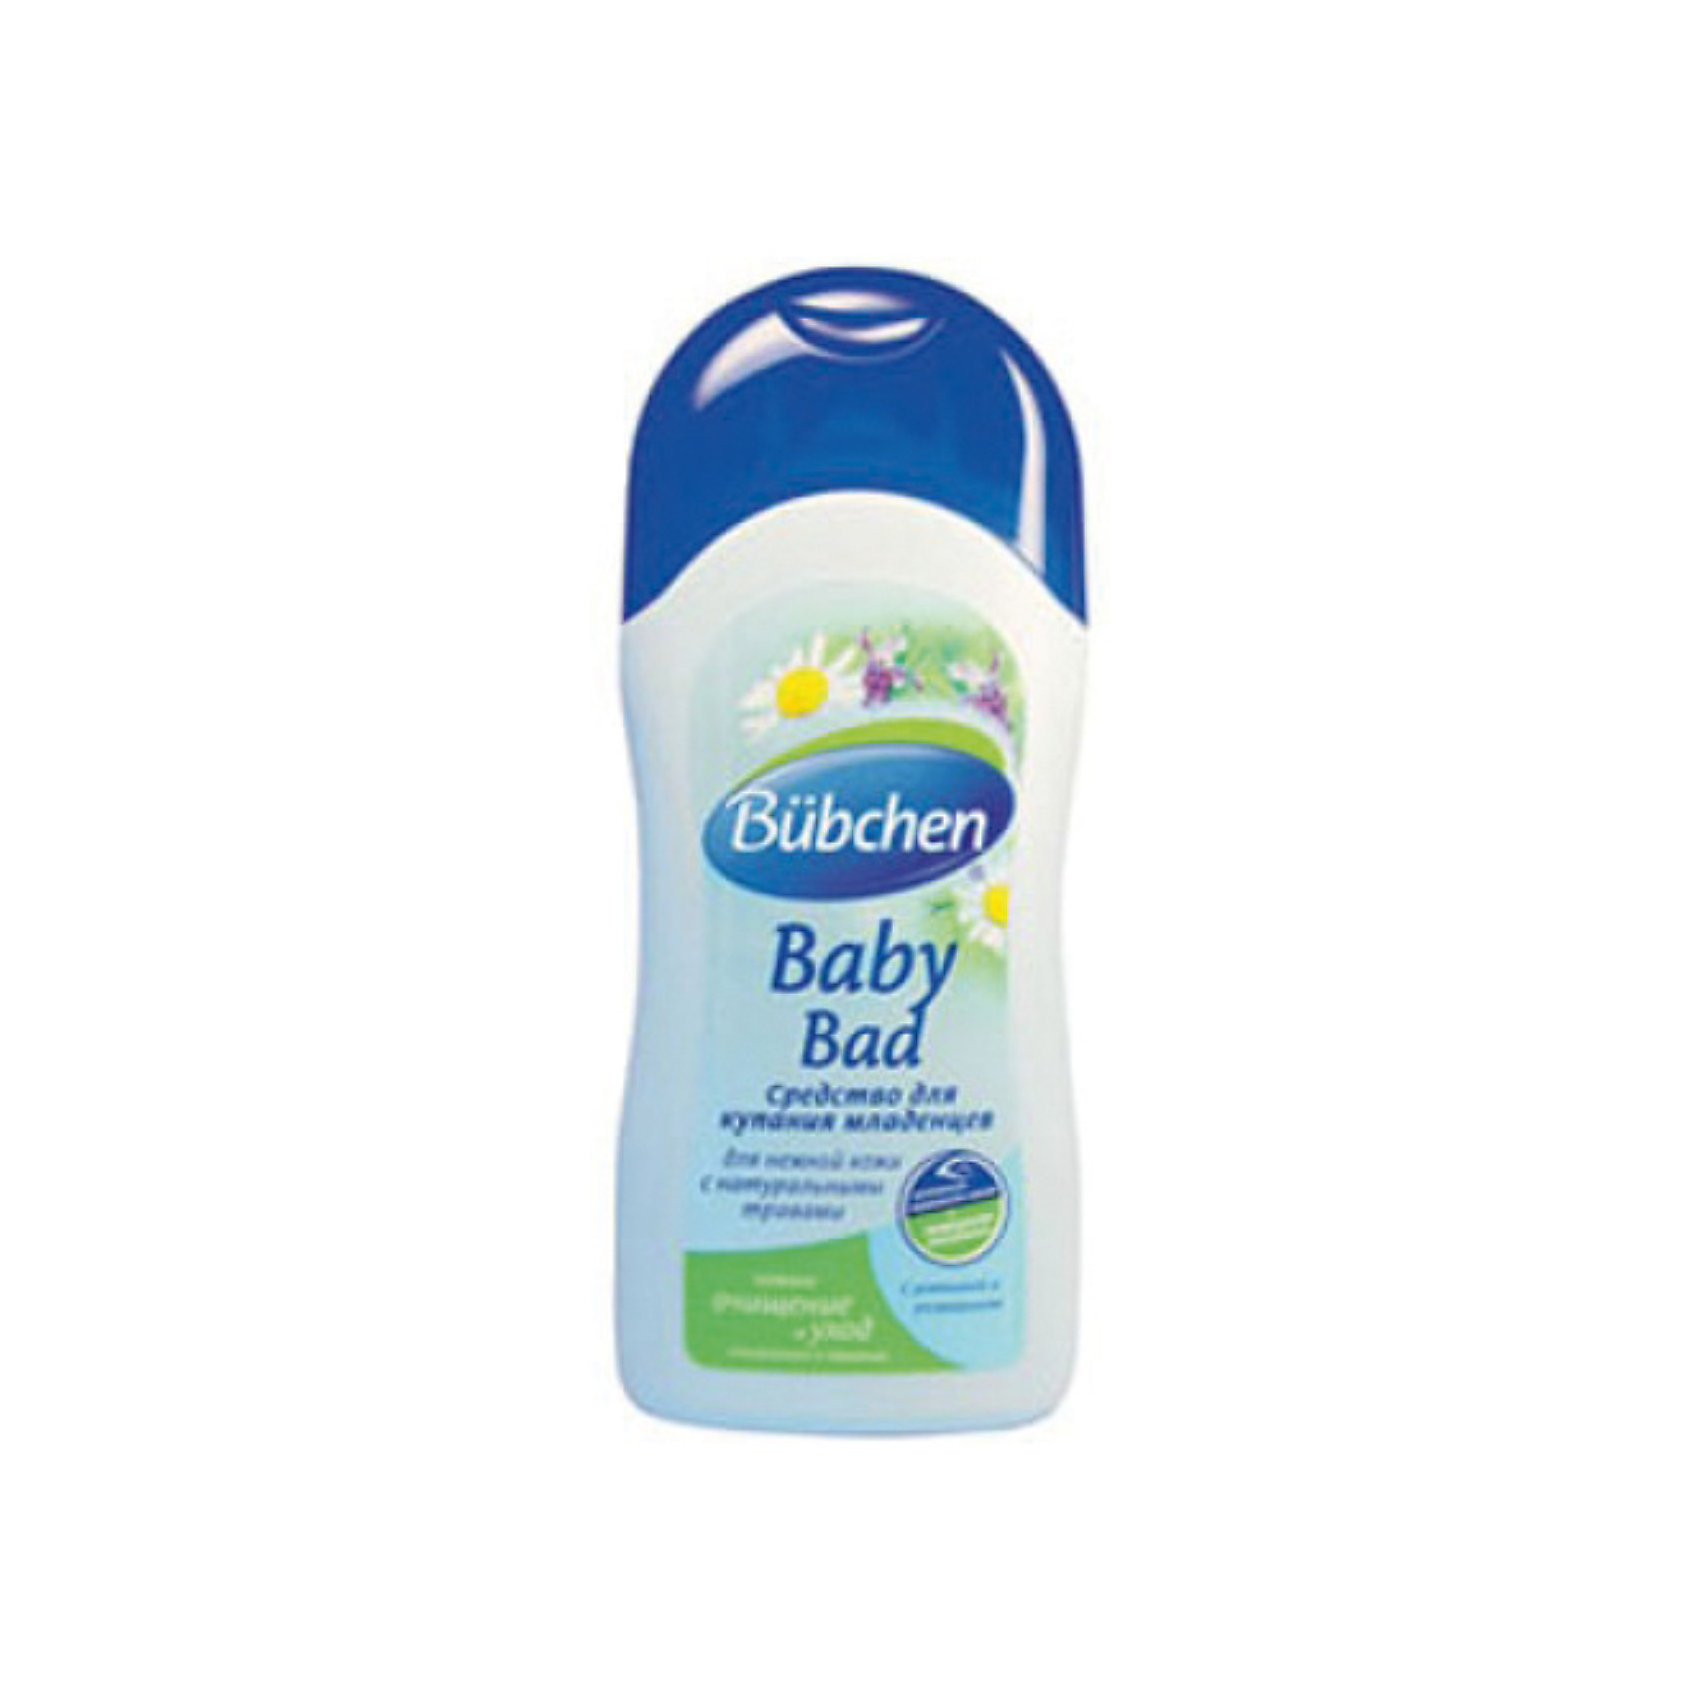 Bubchen Средство для купания младенцев, Bubchen, 200 мл. bubchen средство для купания младенцев 400 мл